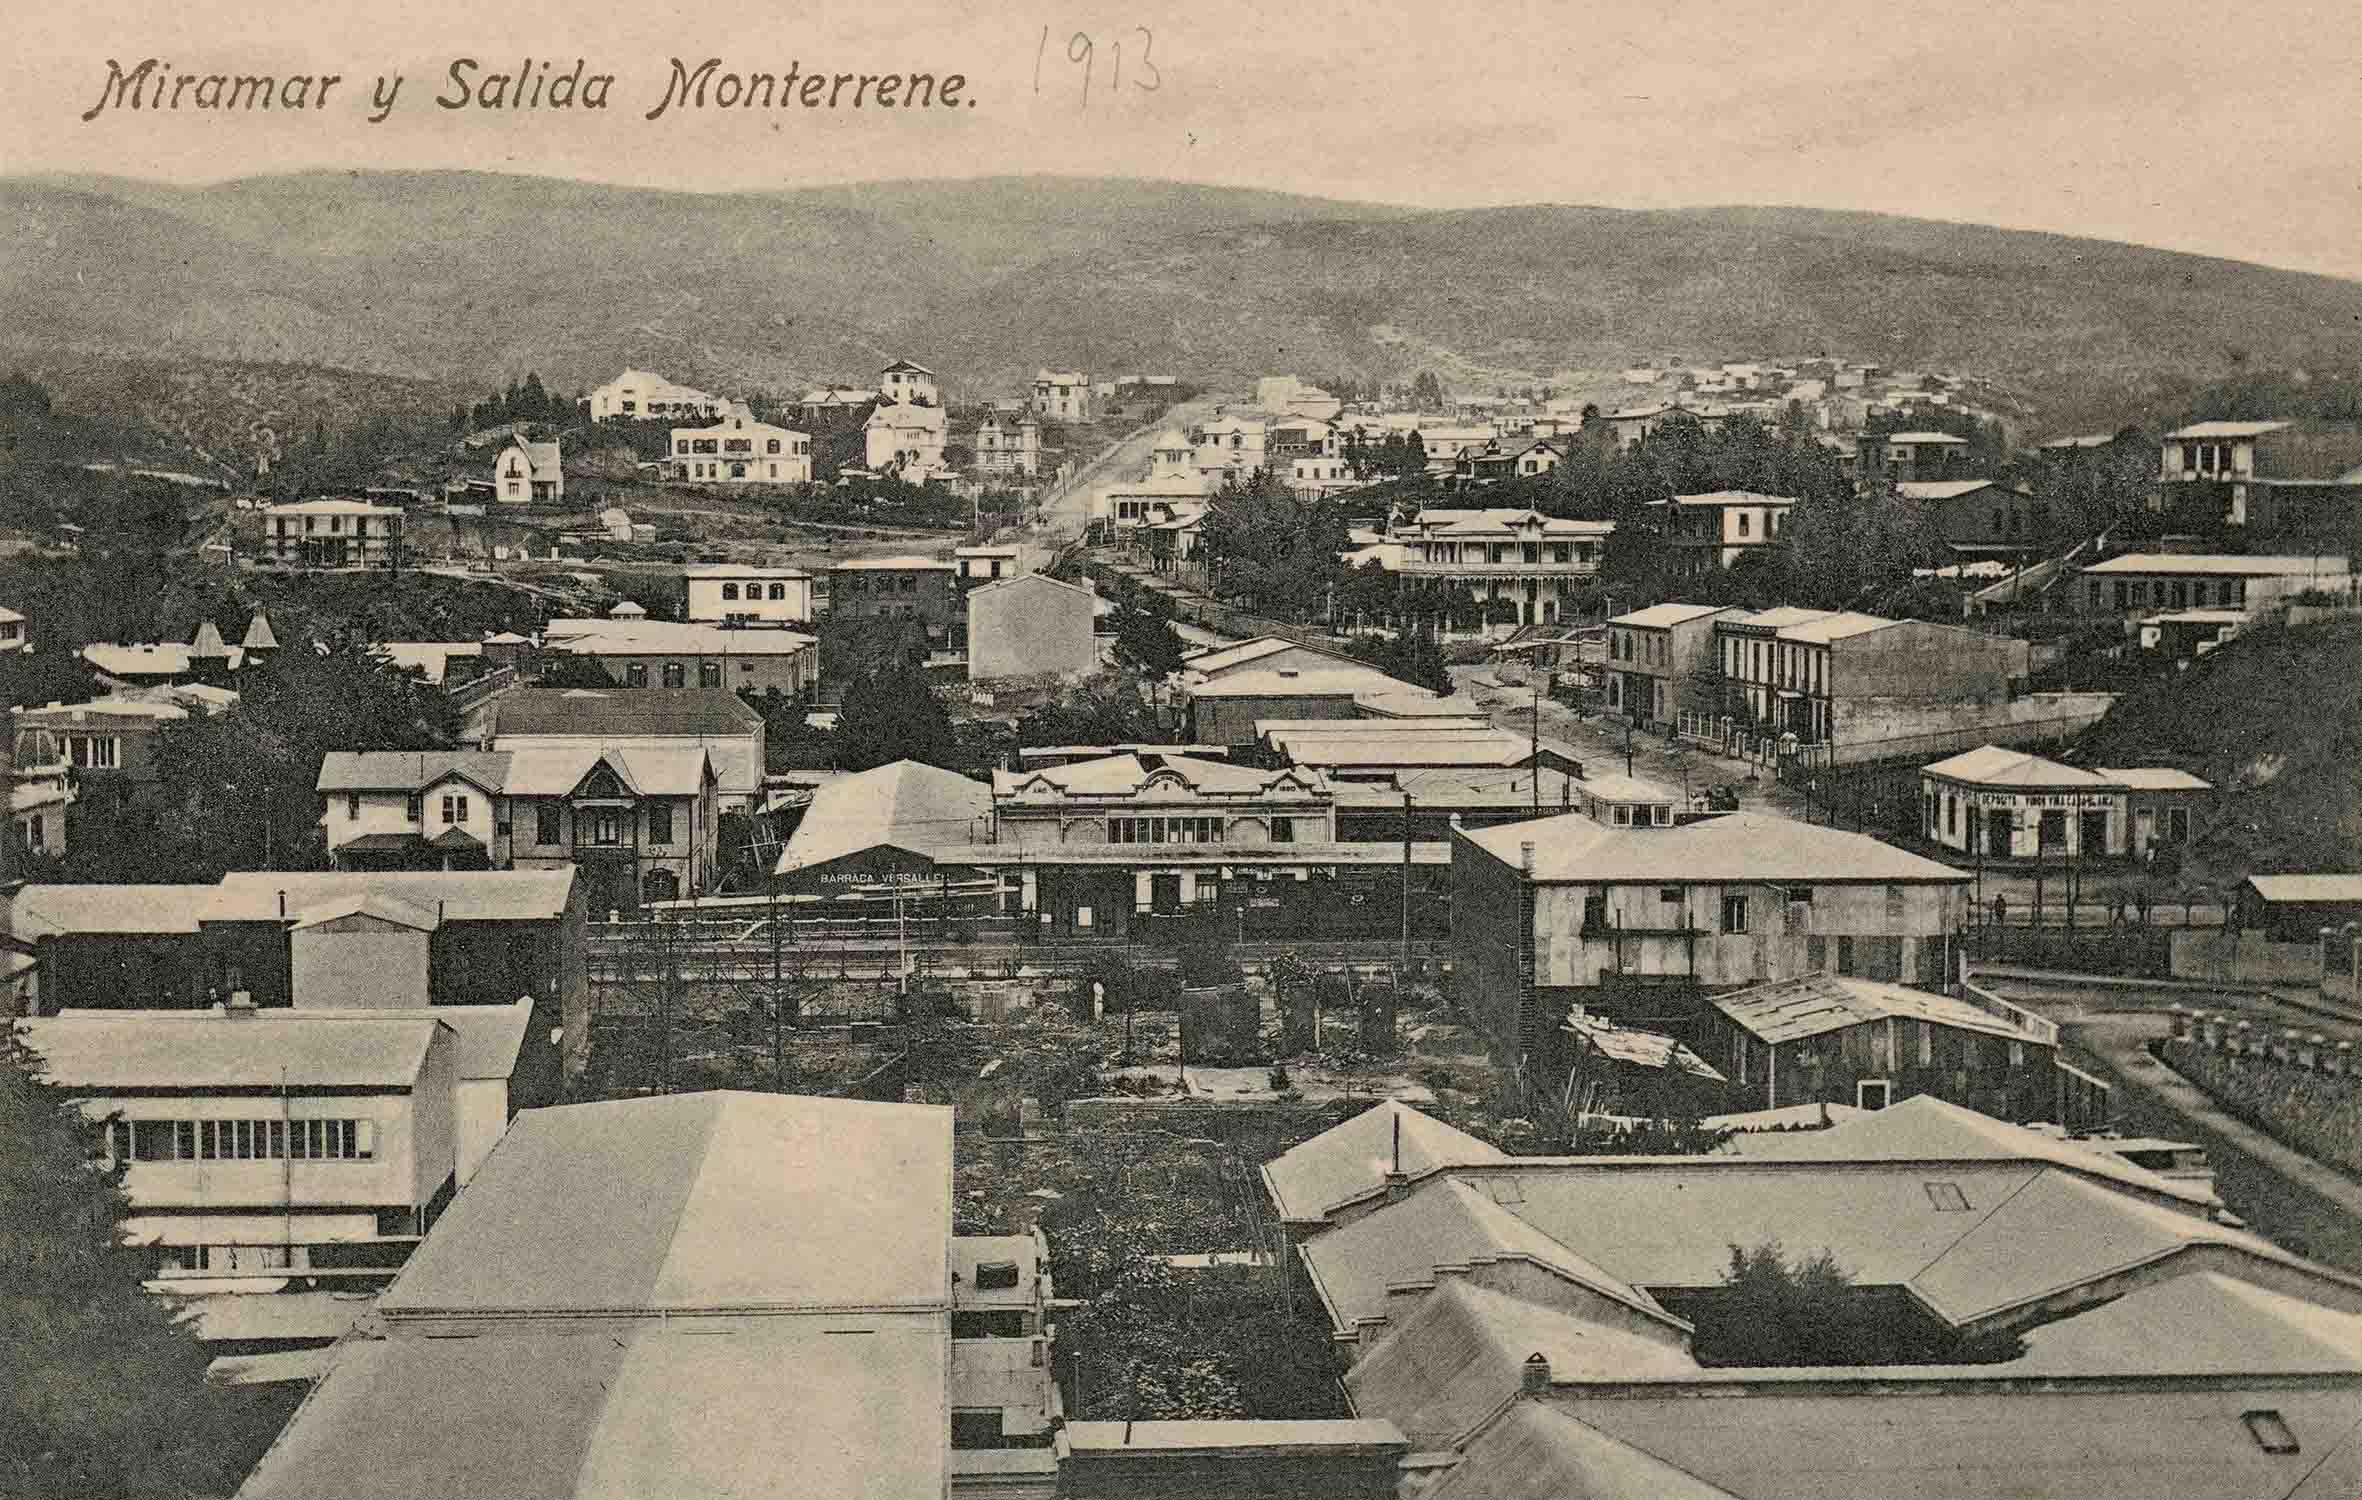 Enterreno - Fotos históricas de chile - fotos antiguas de Chile - Viña del Mar en 1913